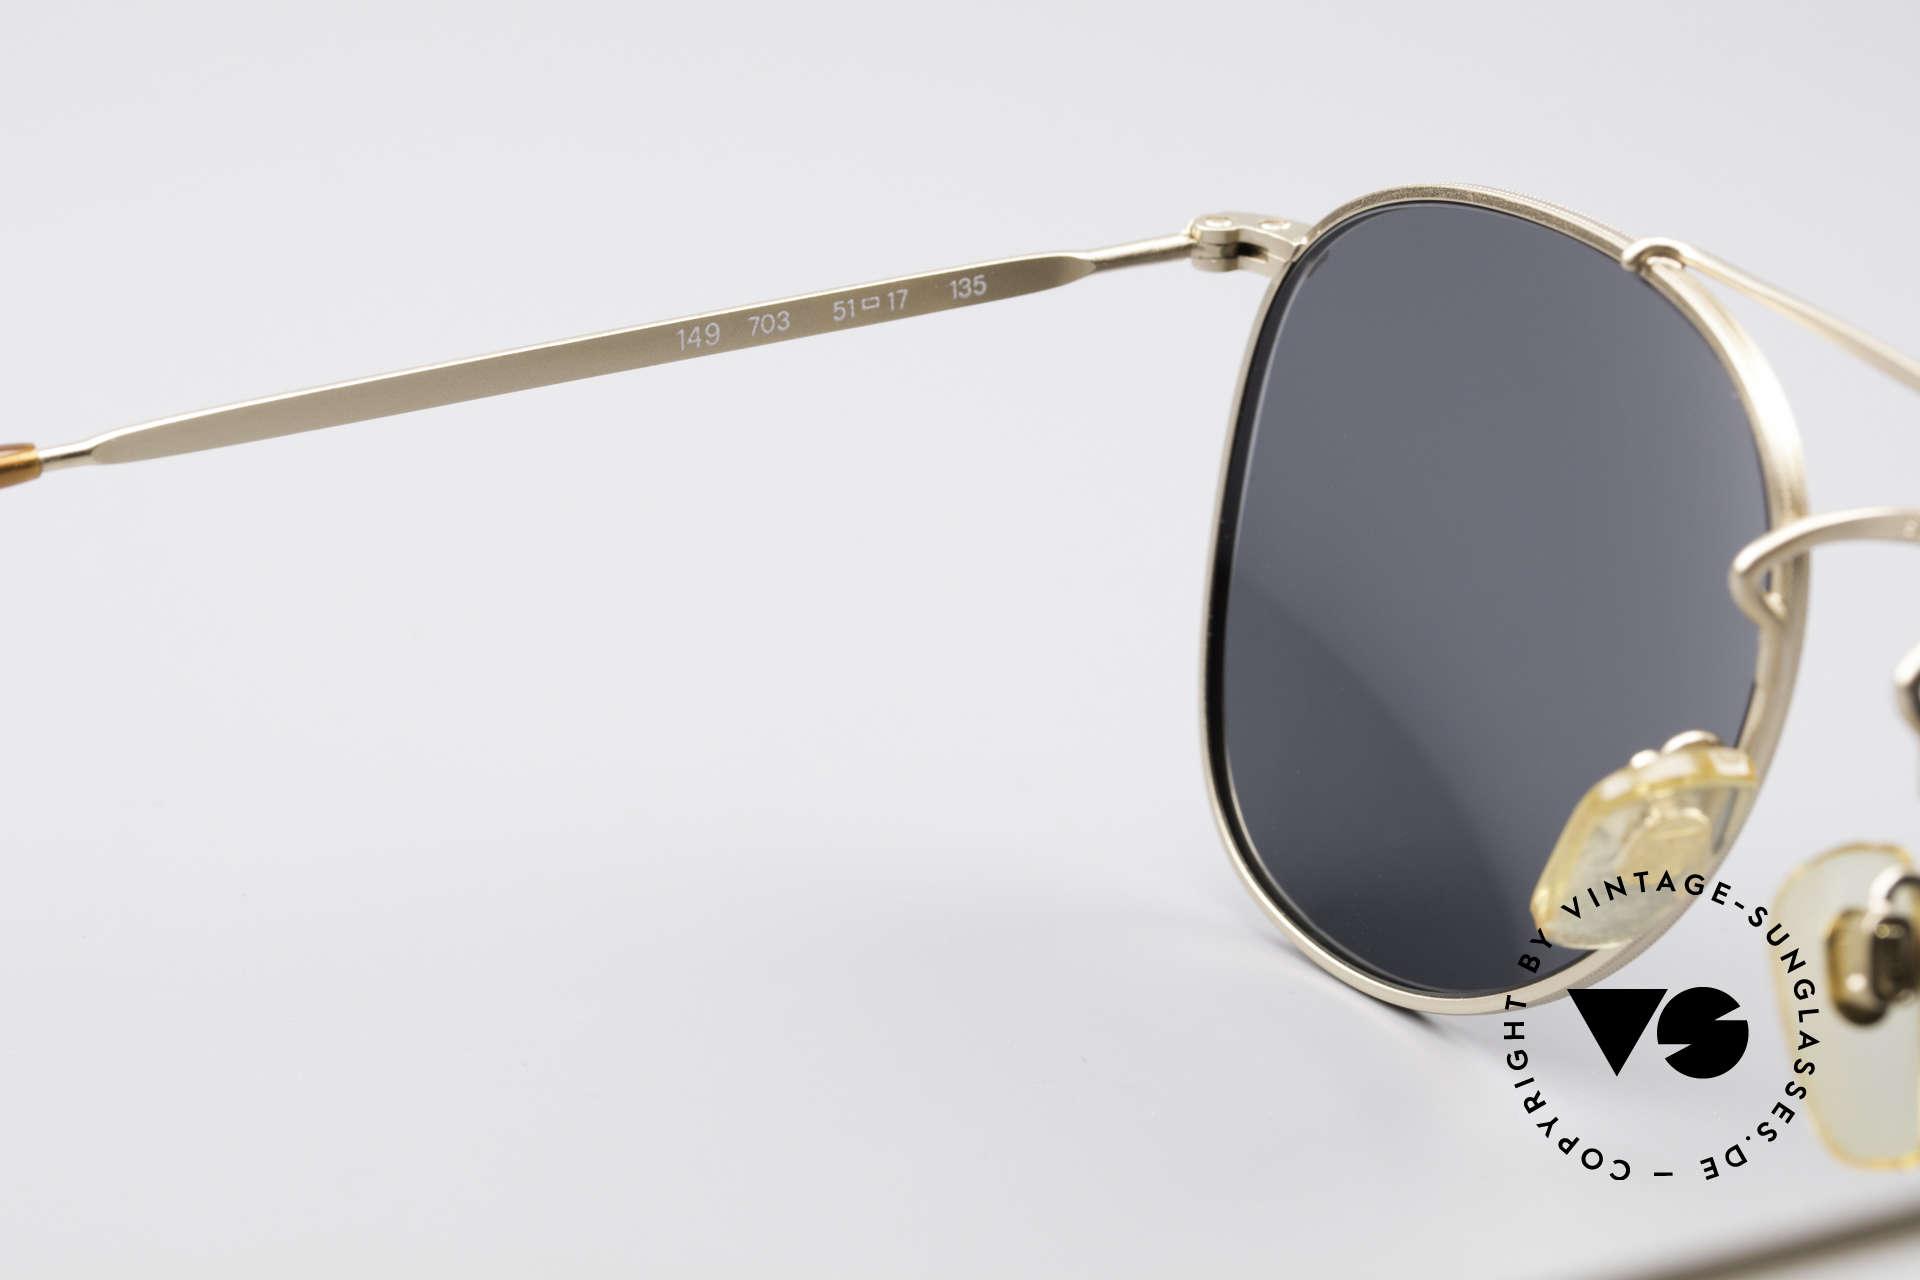 Giorgio Armani 149 Designer PilotenSonnenbrille, keine aktuelle Kollektion, sondern echte 90er Ware, Passend für Herren und Damen